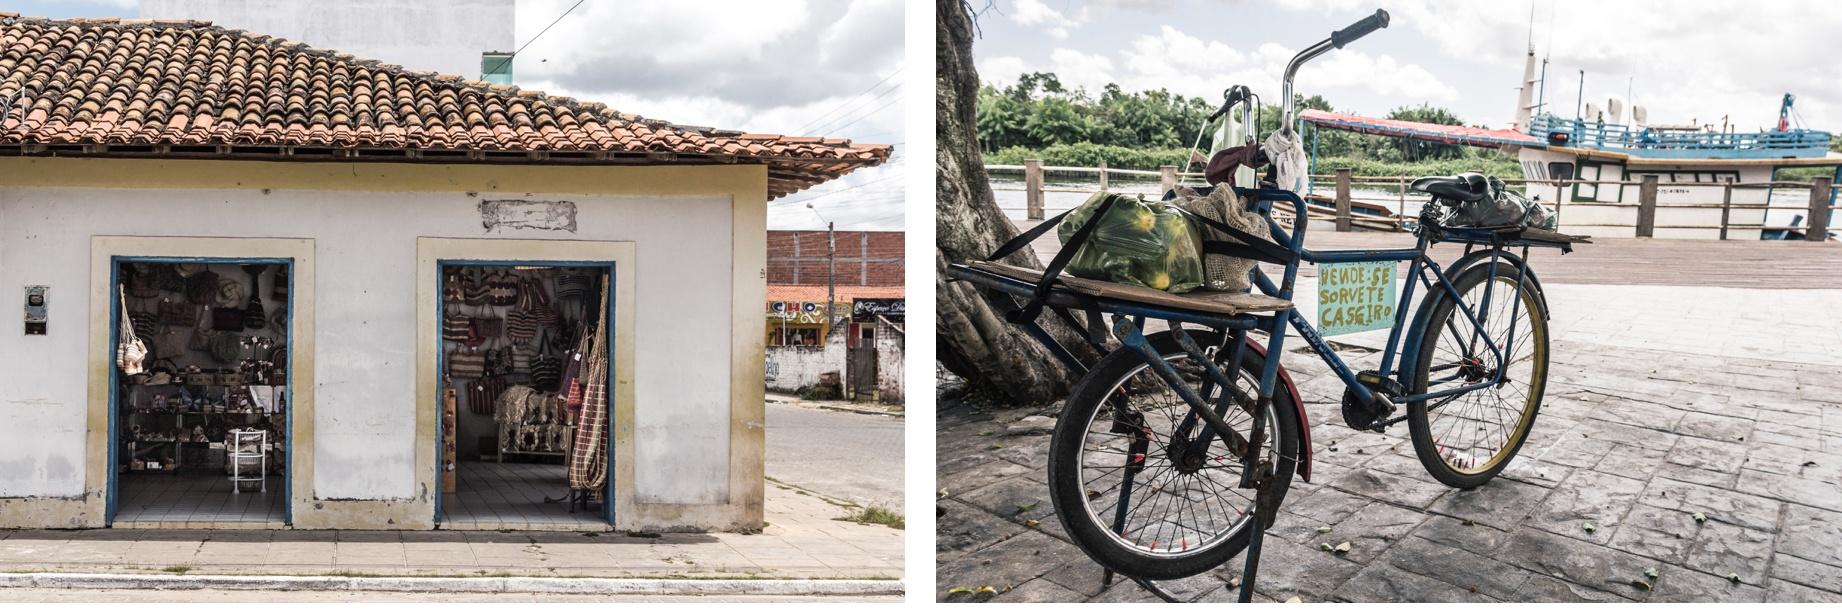 Commerces à Barreirinhas. Route des Sensations.